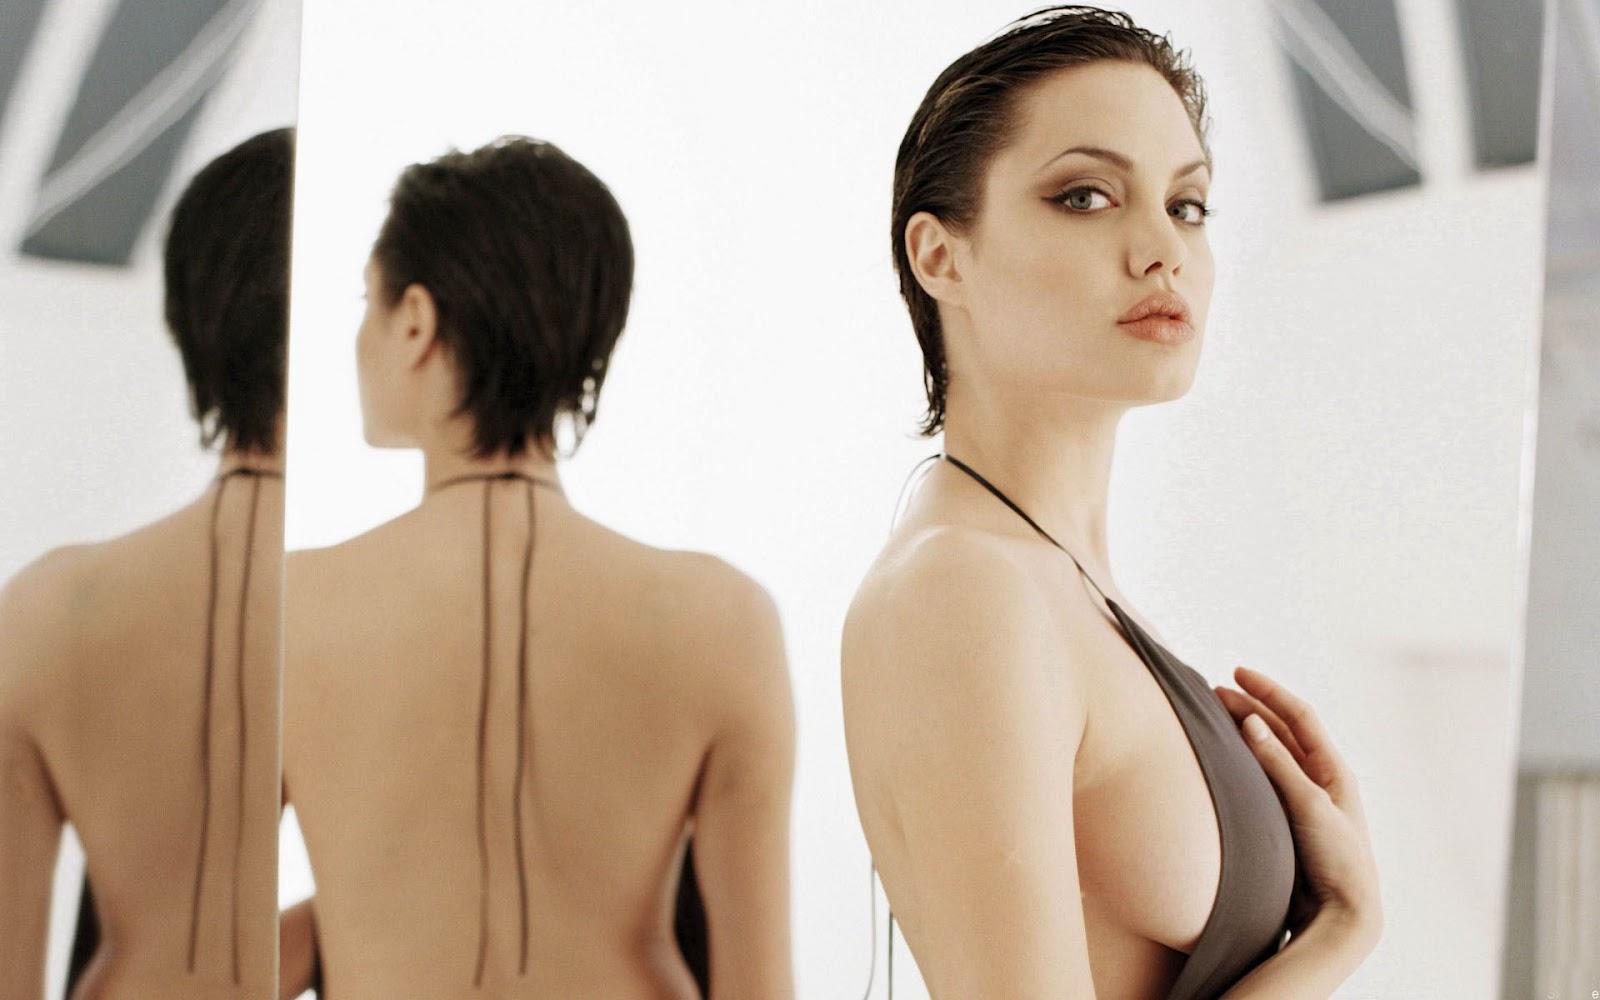 http://4.bp.blogspot.com/-okssPLPYz1w/T-llipO68KI/AAAAAAAABkM/nIU4q6mzJb4/s1600/Angelina_Jolie+HD+Wallpapers.jpg